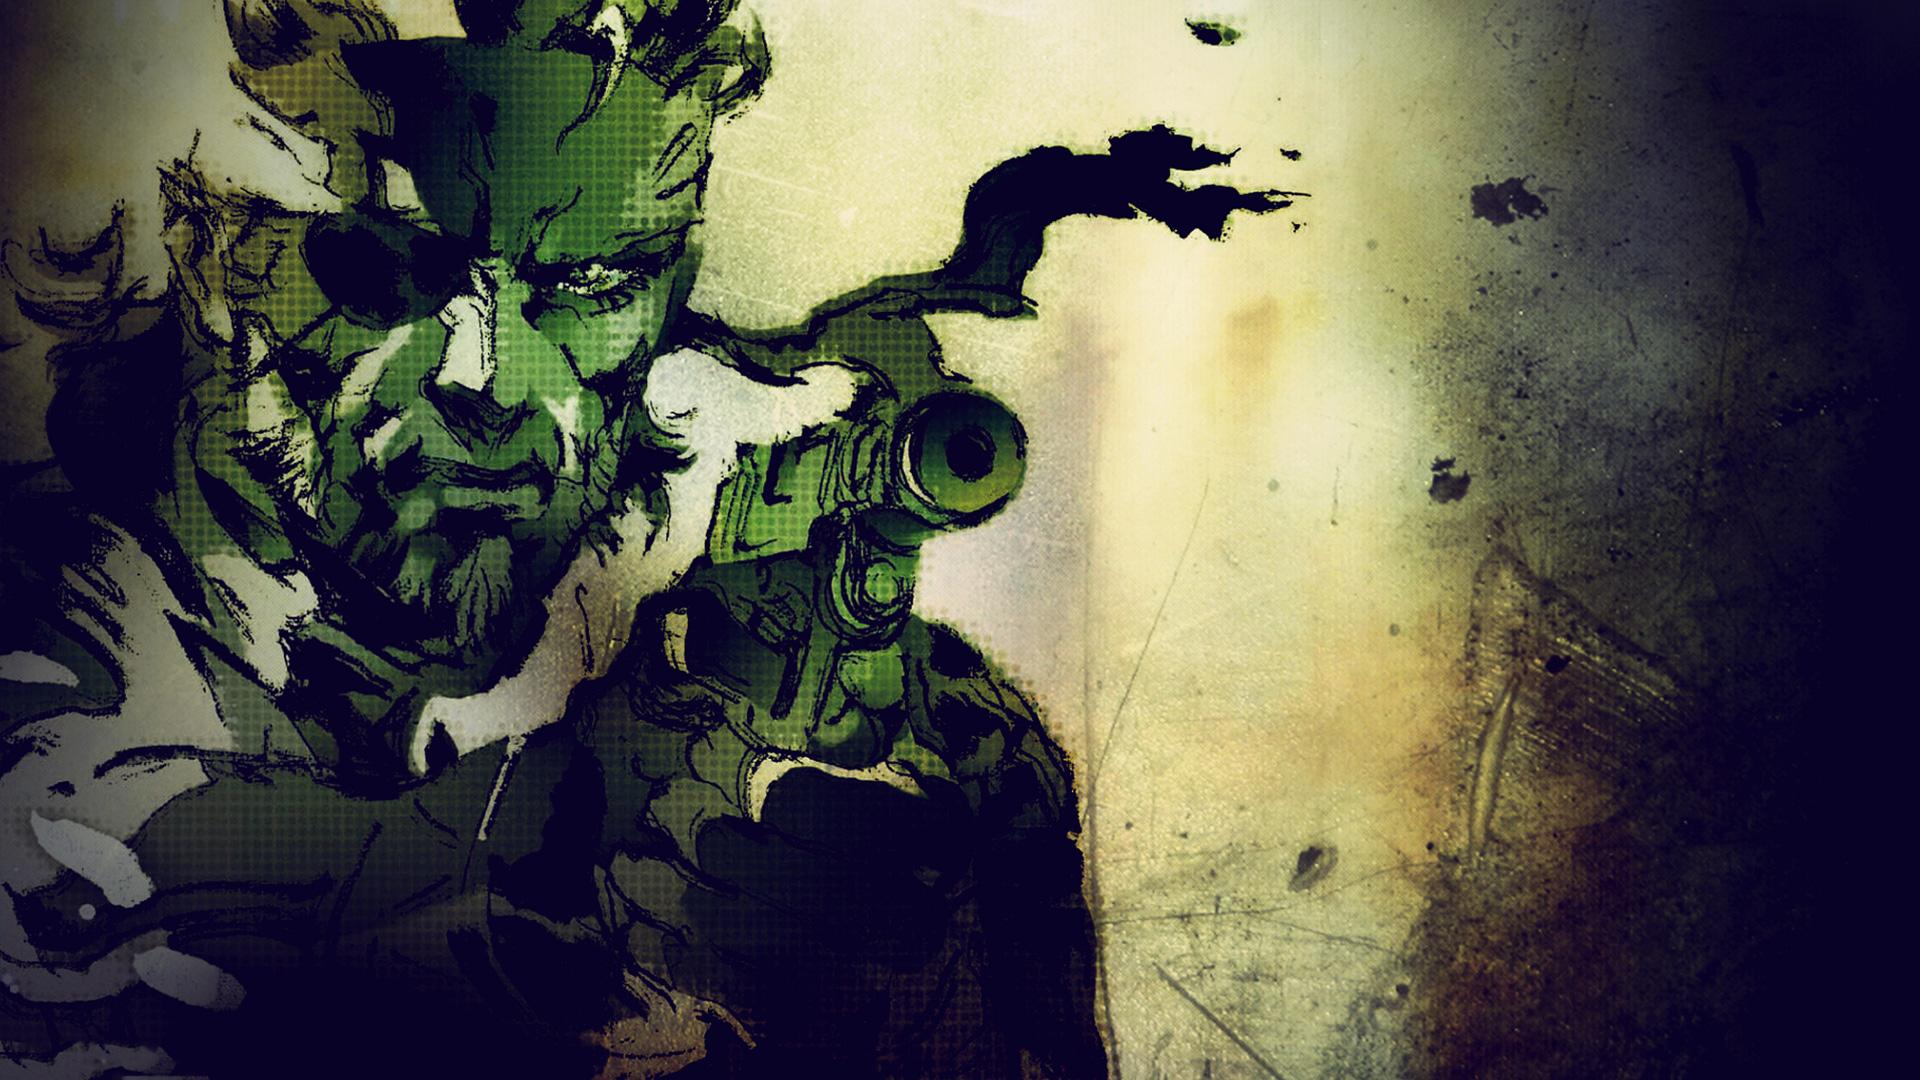 Metal Gear Solid 3 - Snake Eater - KeyArt